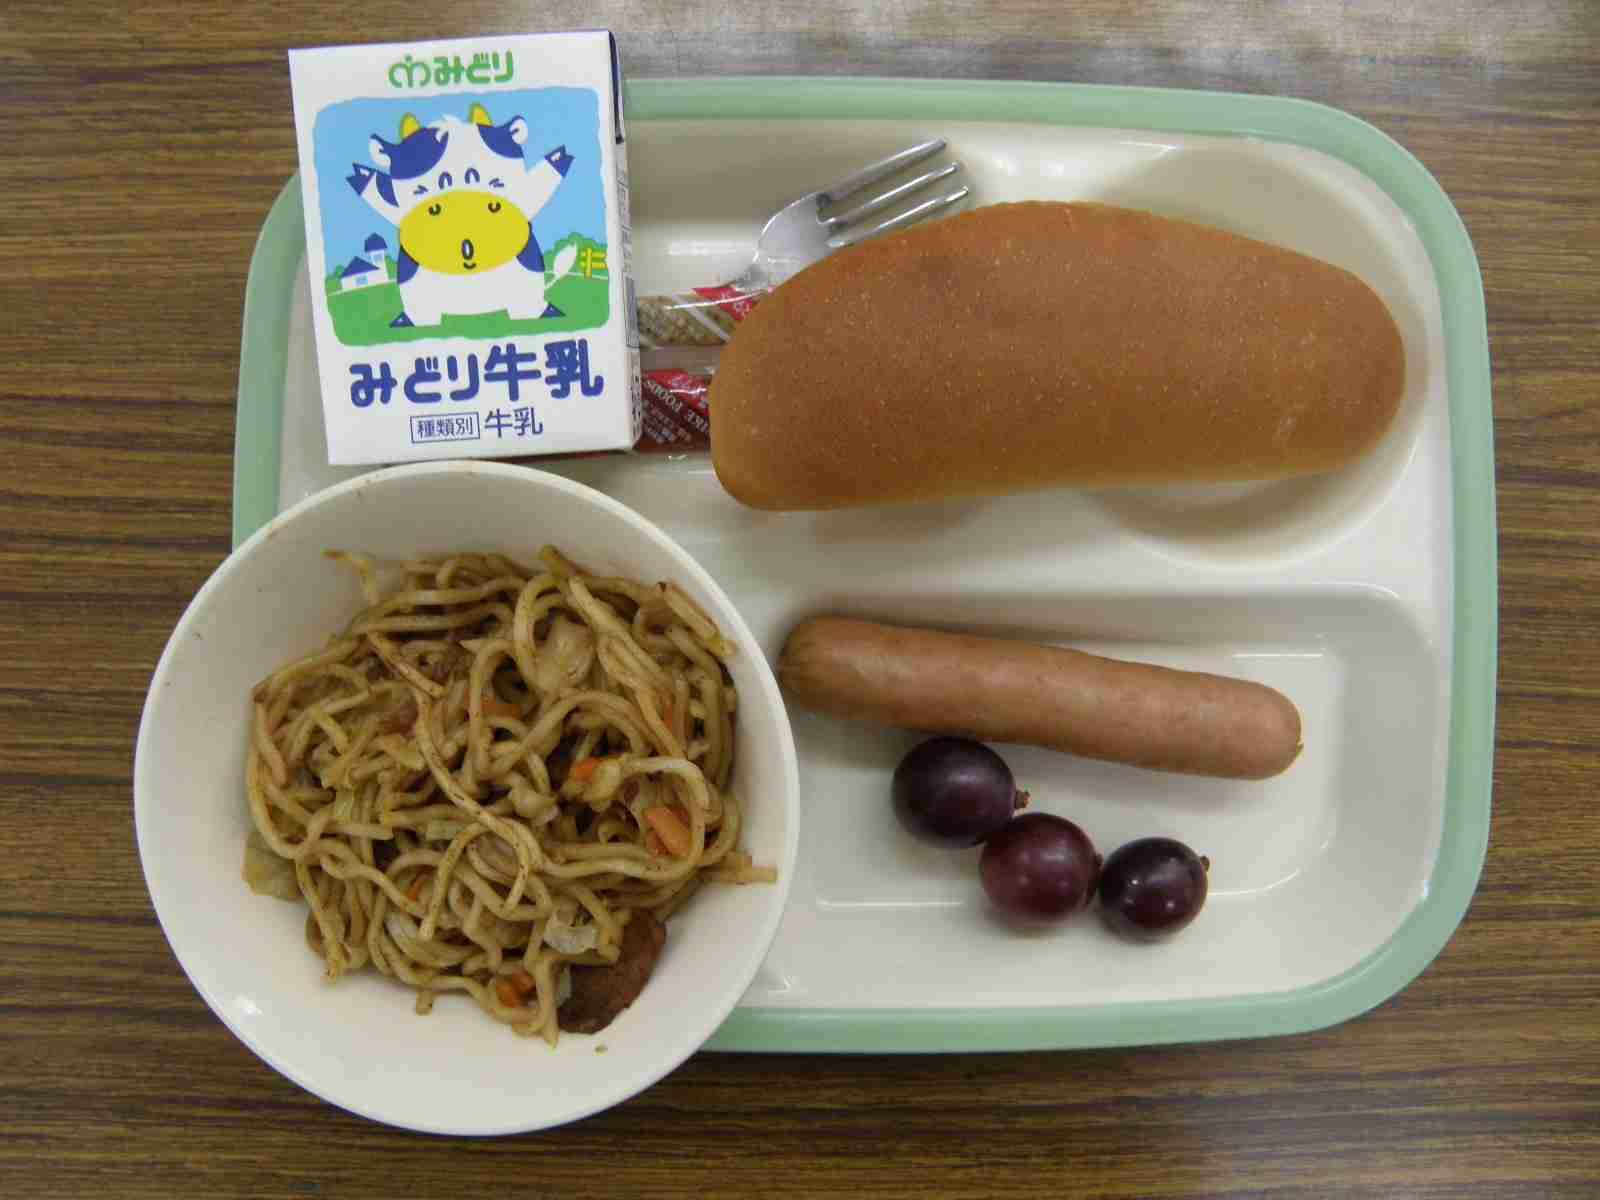 【埼玉】給食のフランクフルトに縫い針 児童かじって気付く